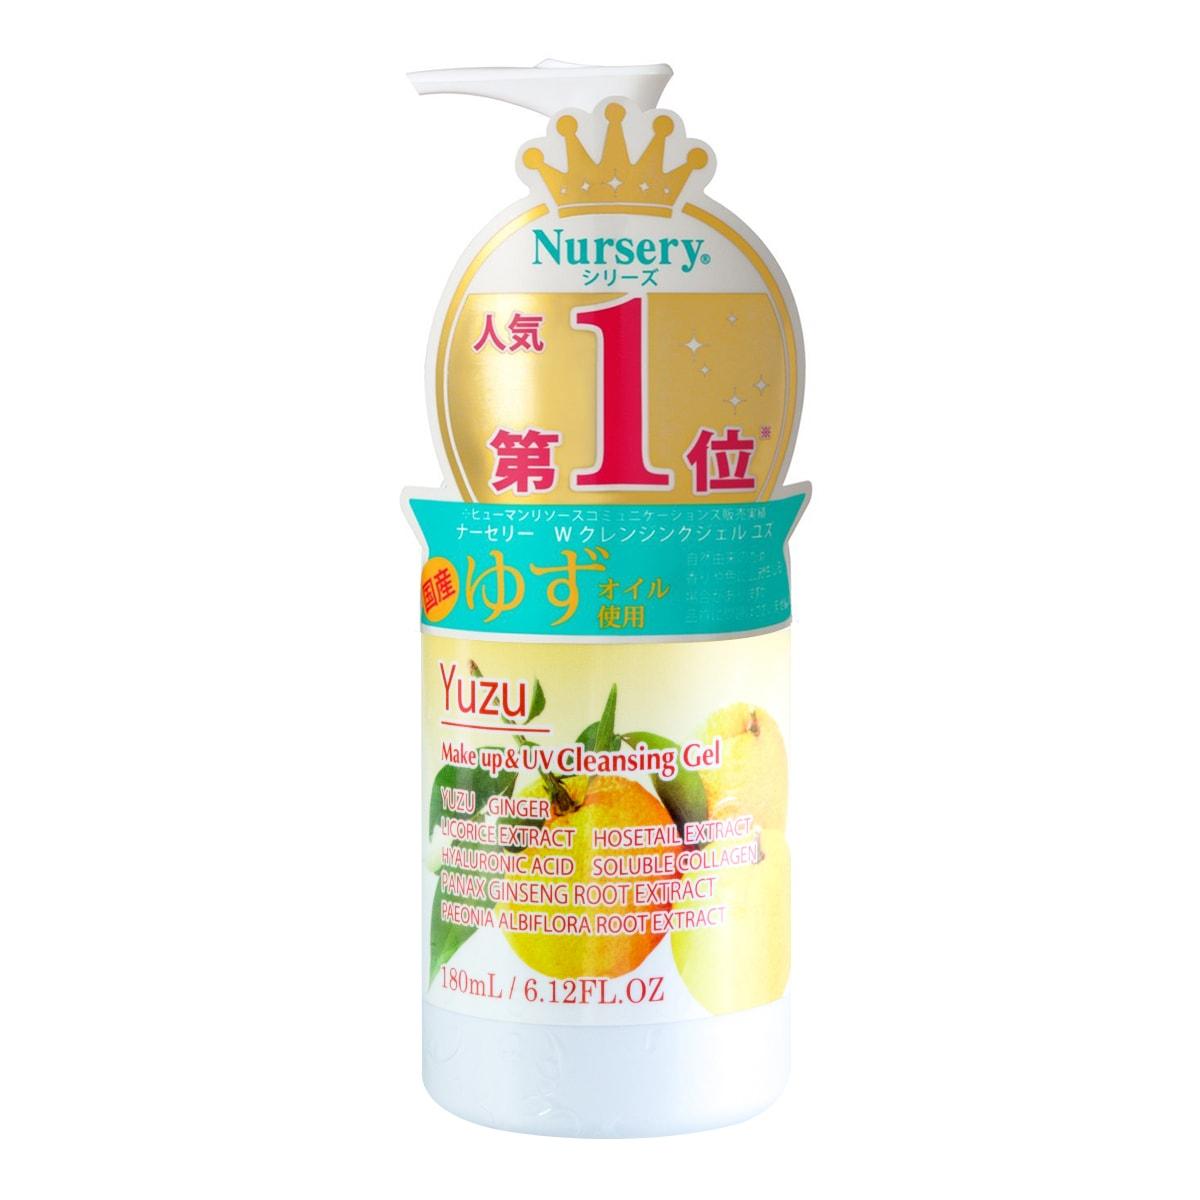 日本NURSERY 柚子舒缓卸妆啫喱 180ml COSME大赏第一位